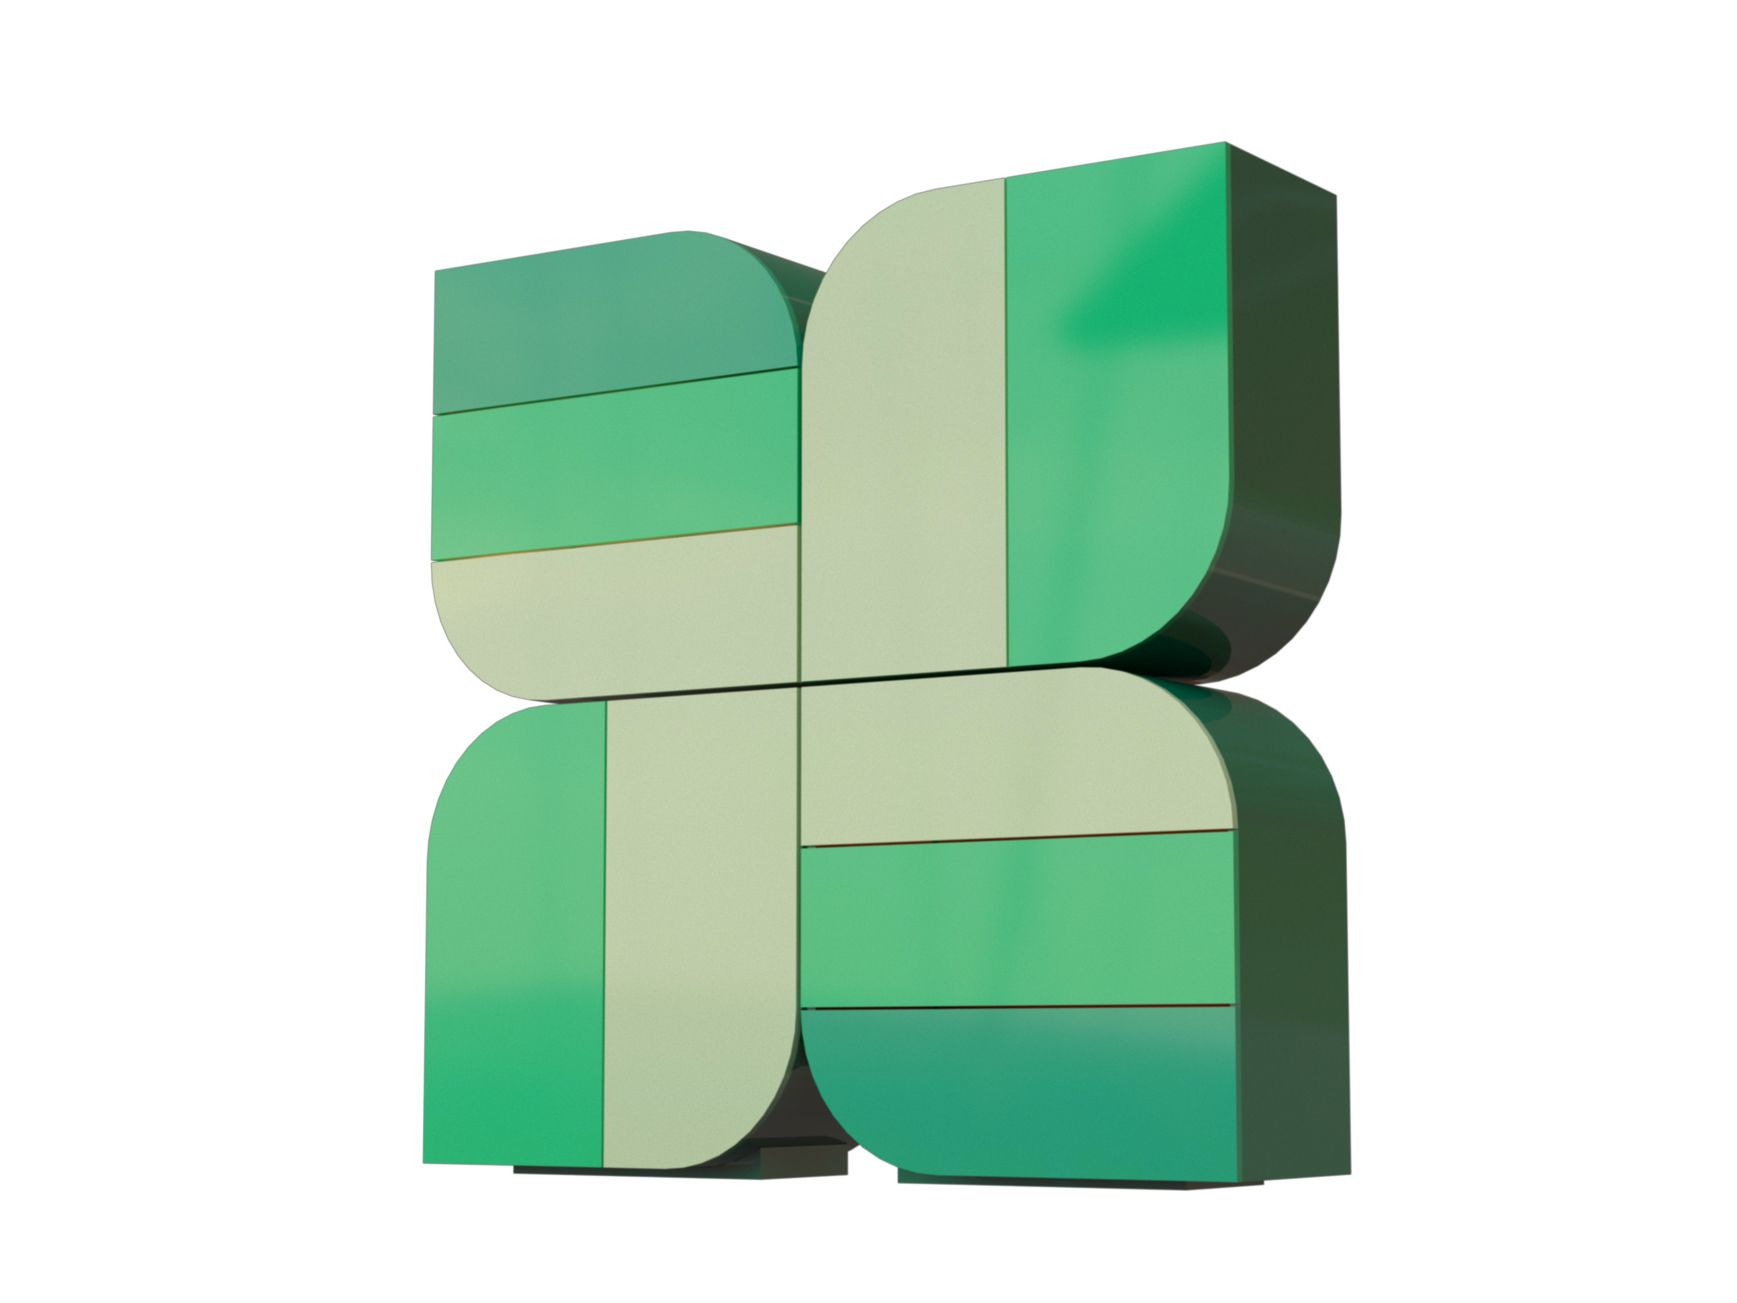 Aparador lacado de madeira QUATREFEUILLE Coleção Móveis de arrumação by Pierre Cardin - Forme   design Studio Pierre Cardin